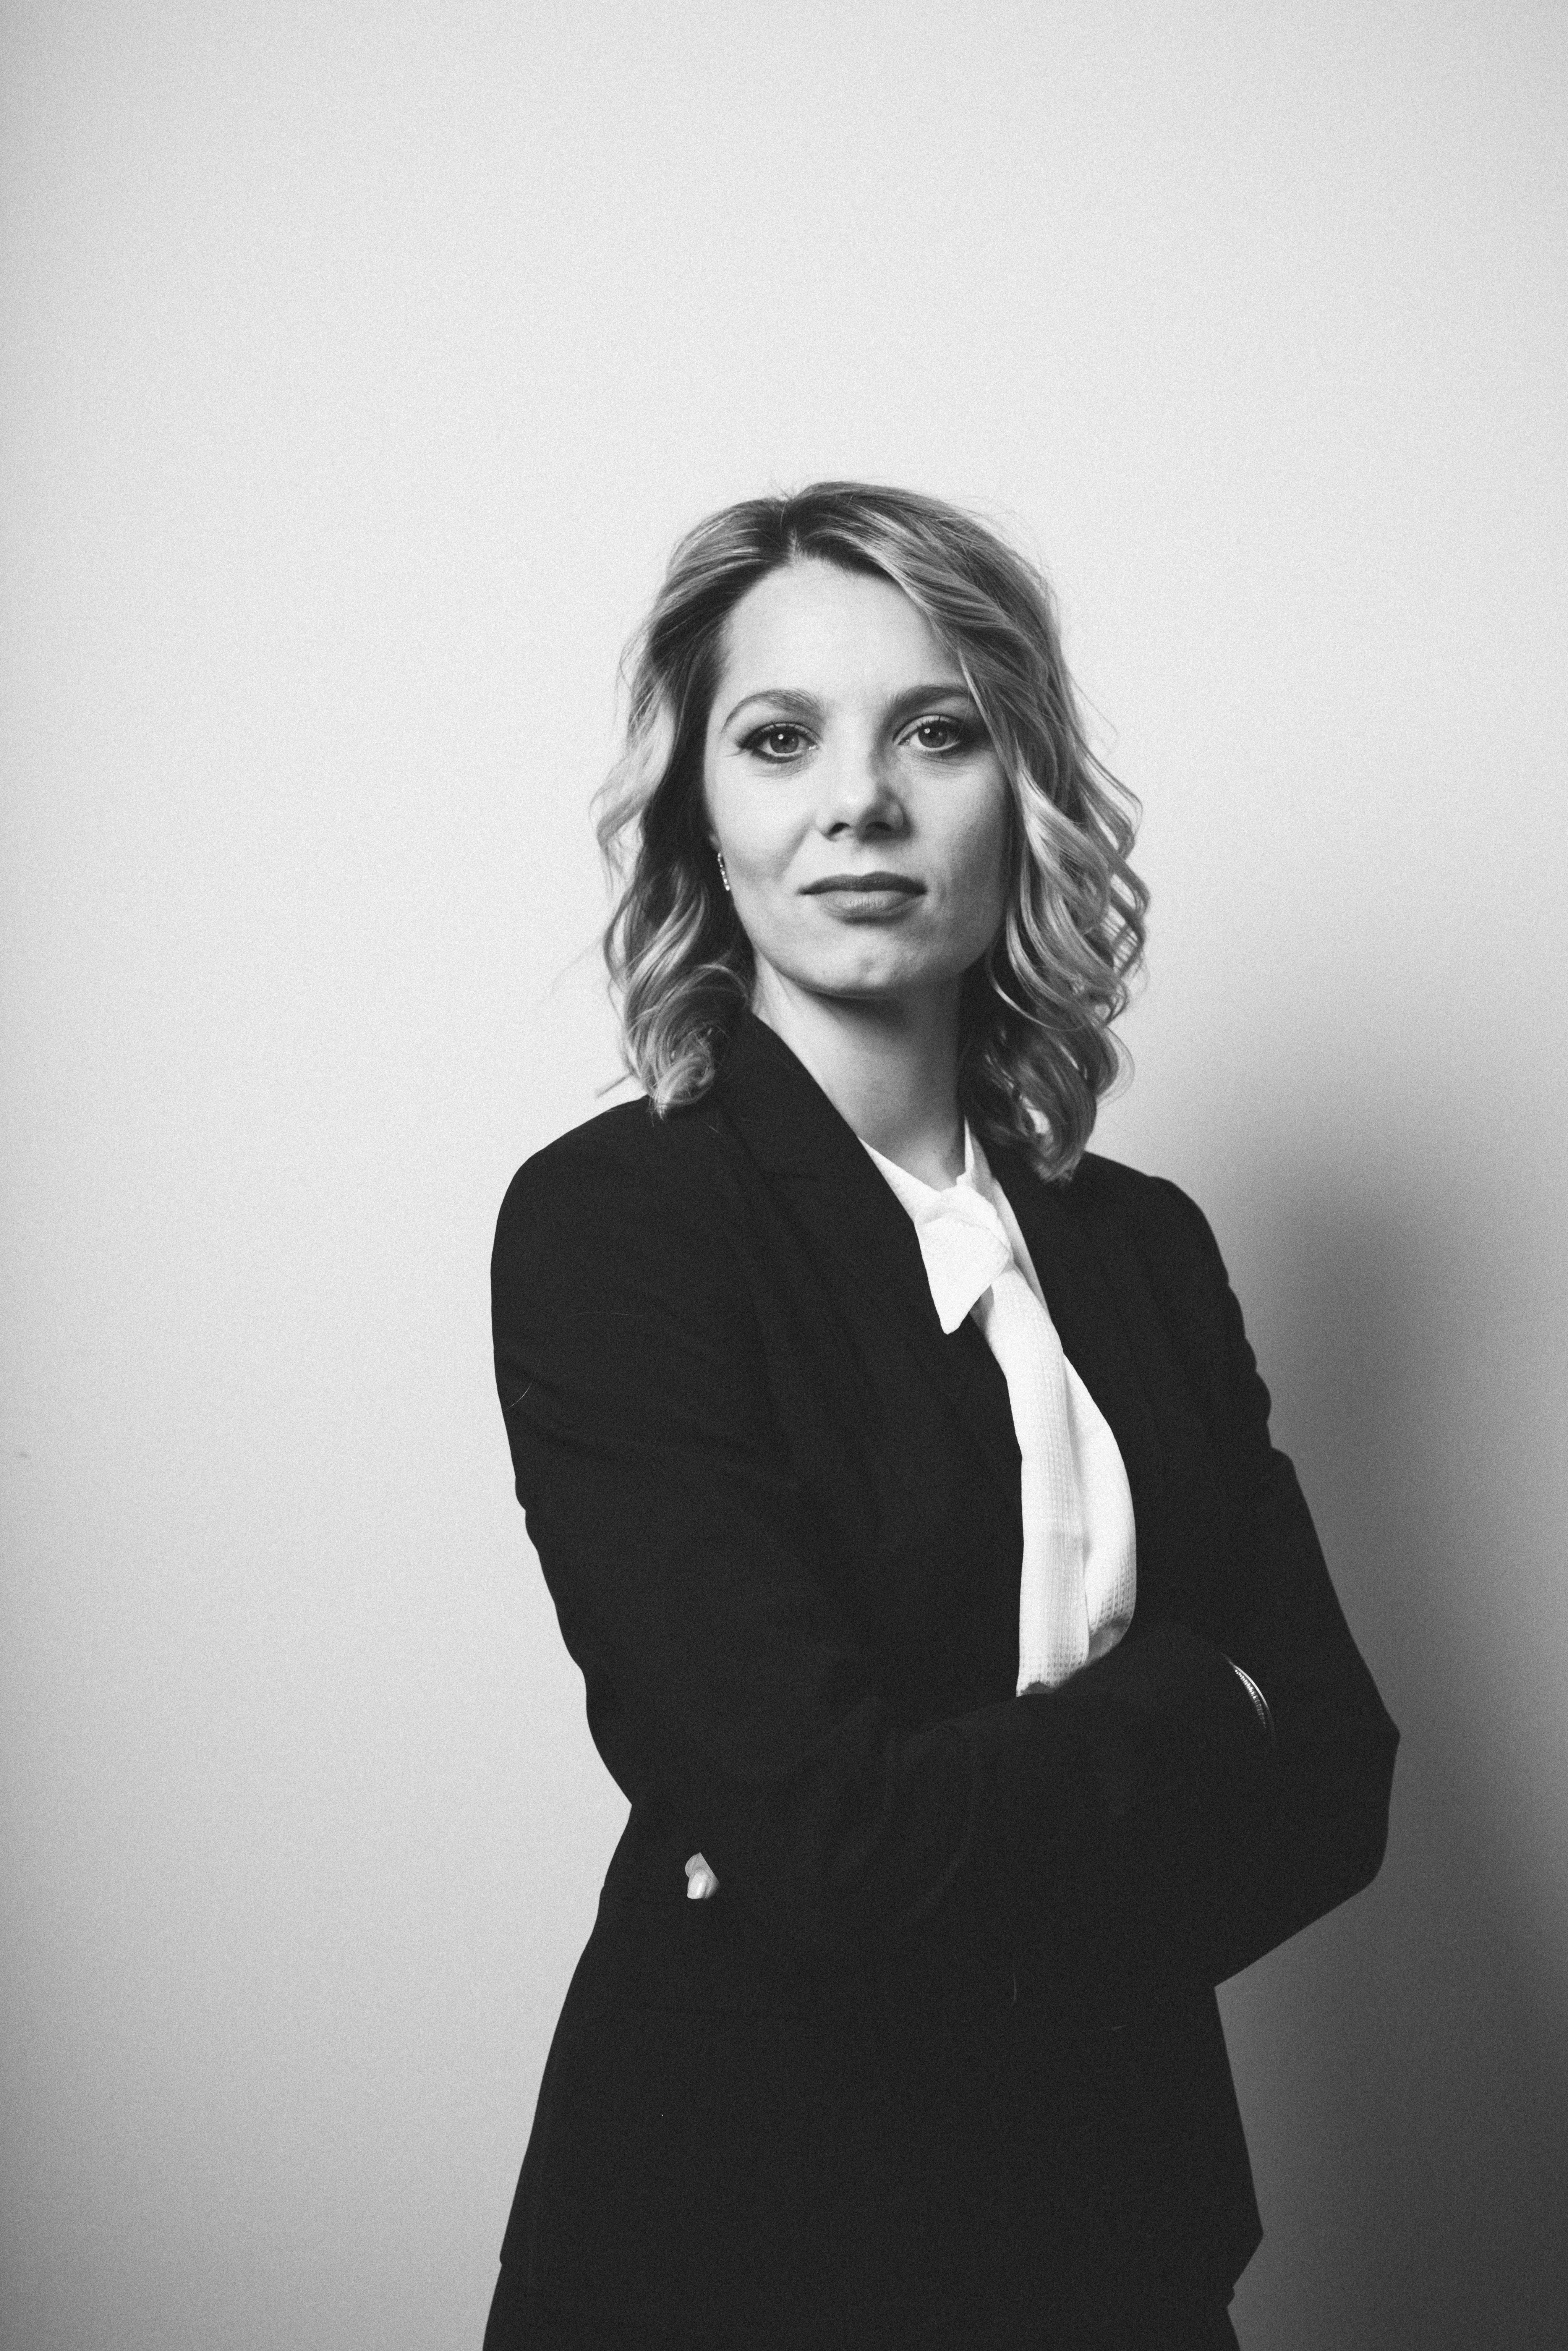 Tatiana Gurbanov